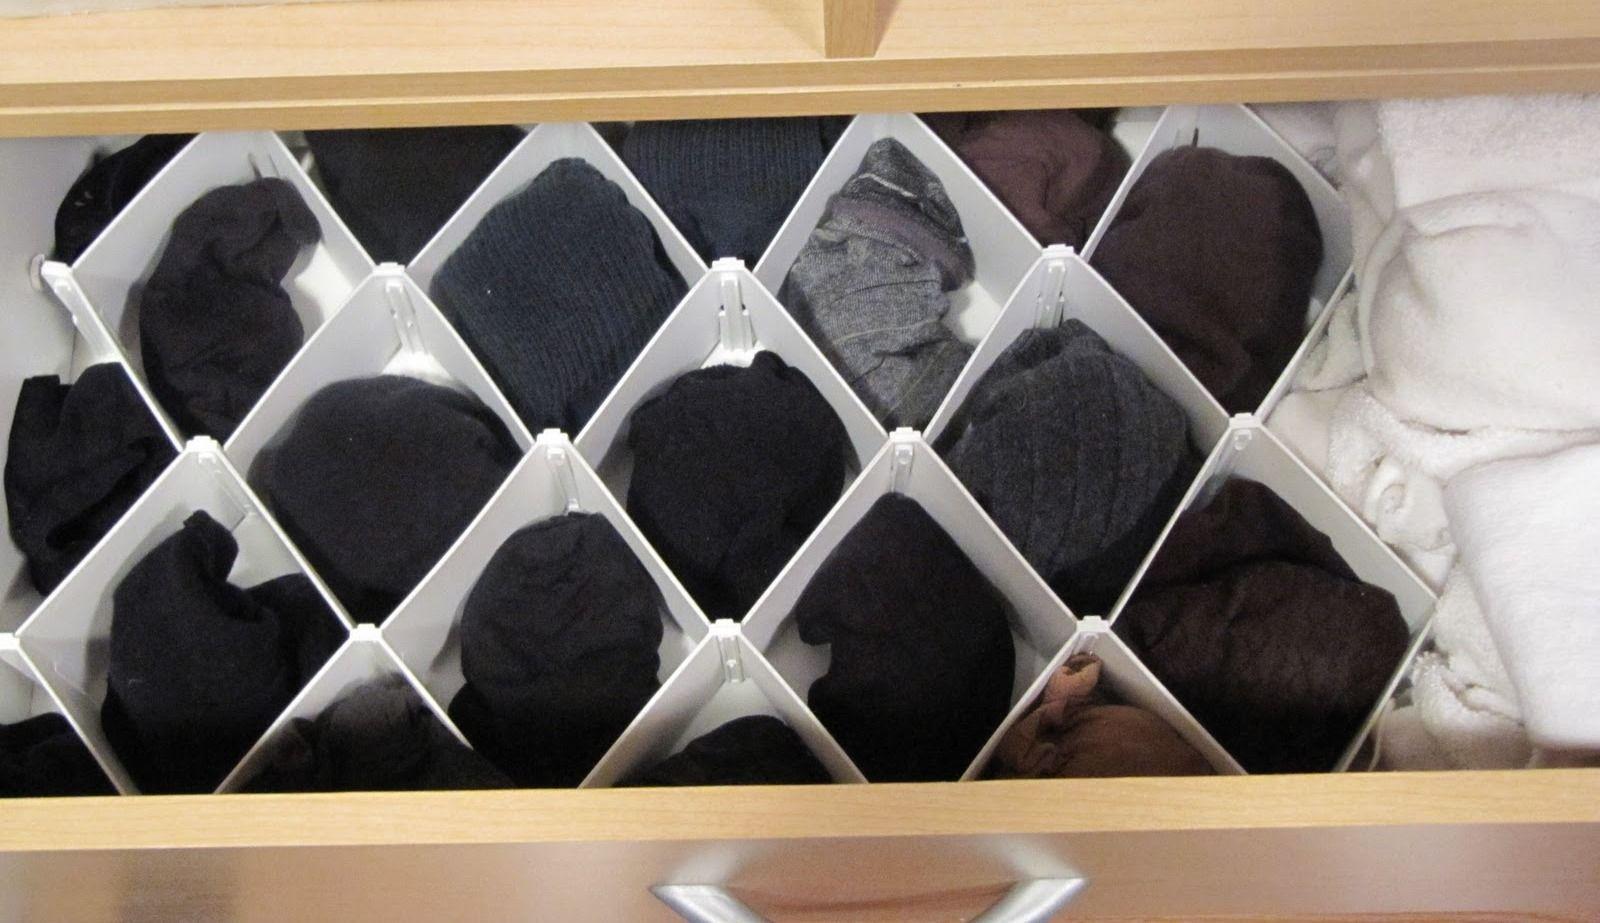 """Cadê o par? Esta """"colméia"""" organizadora  para meias resolve o problema. Simples assim! Você encontra em lojas de utilidades domésticas. #ficaadica"""